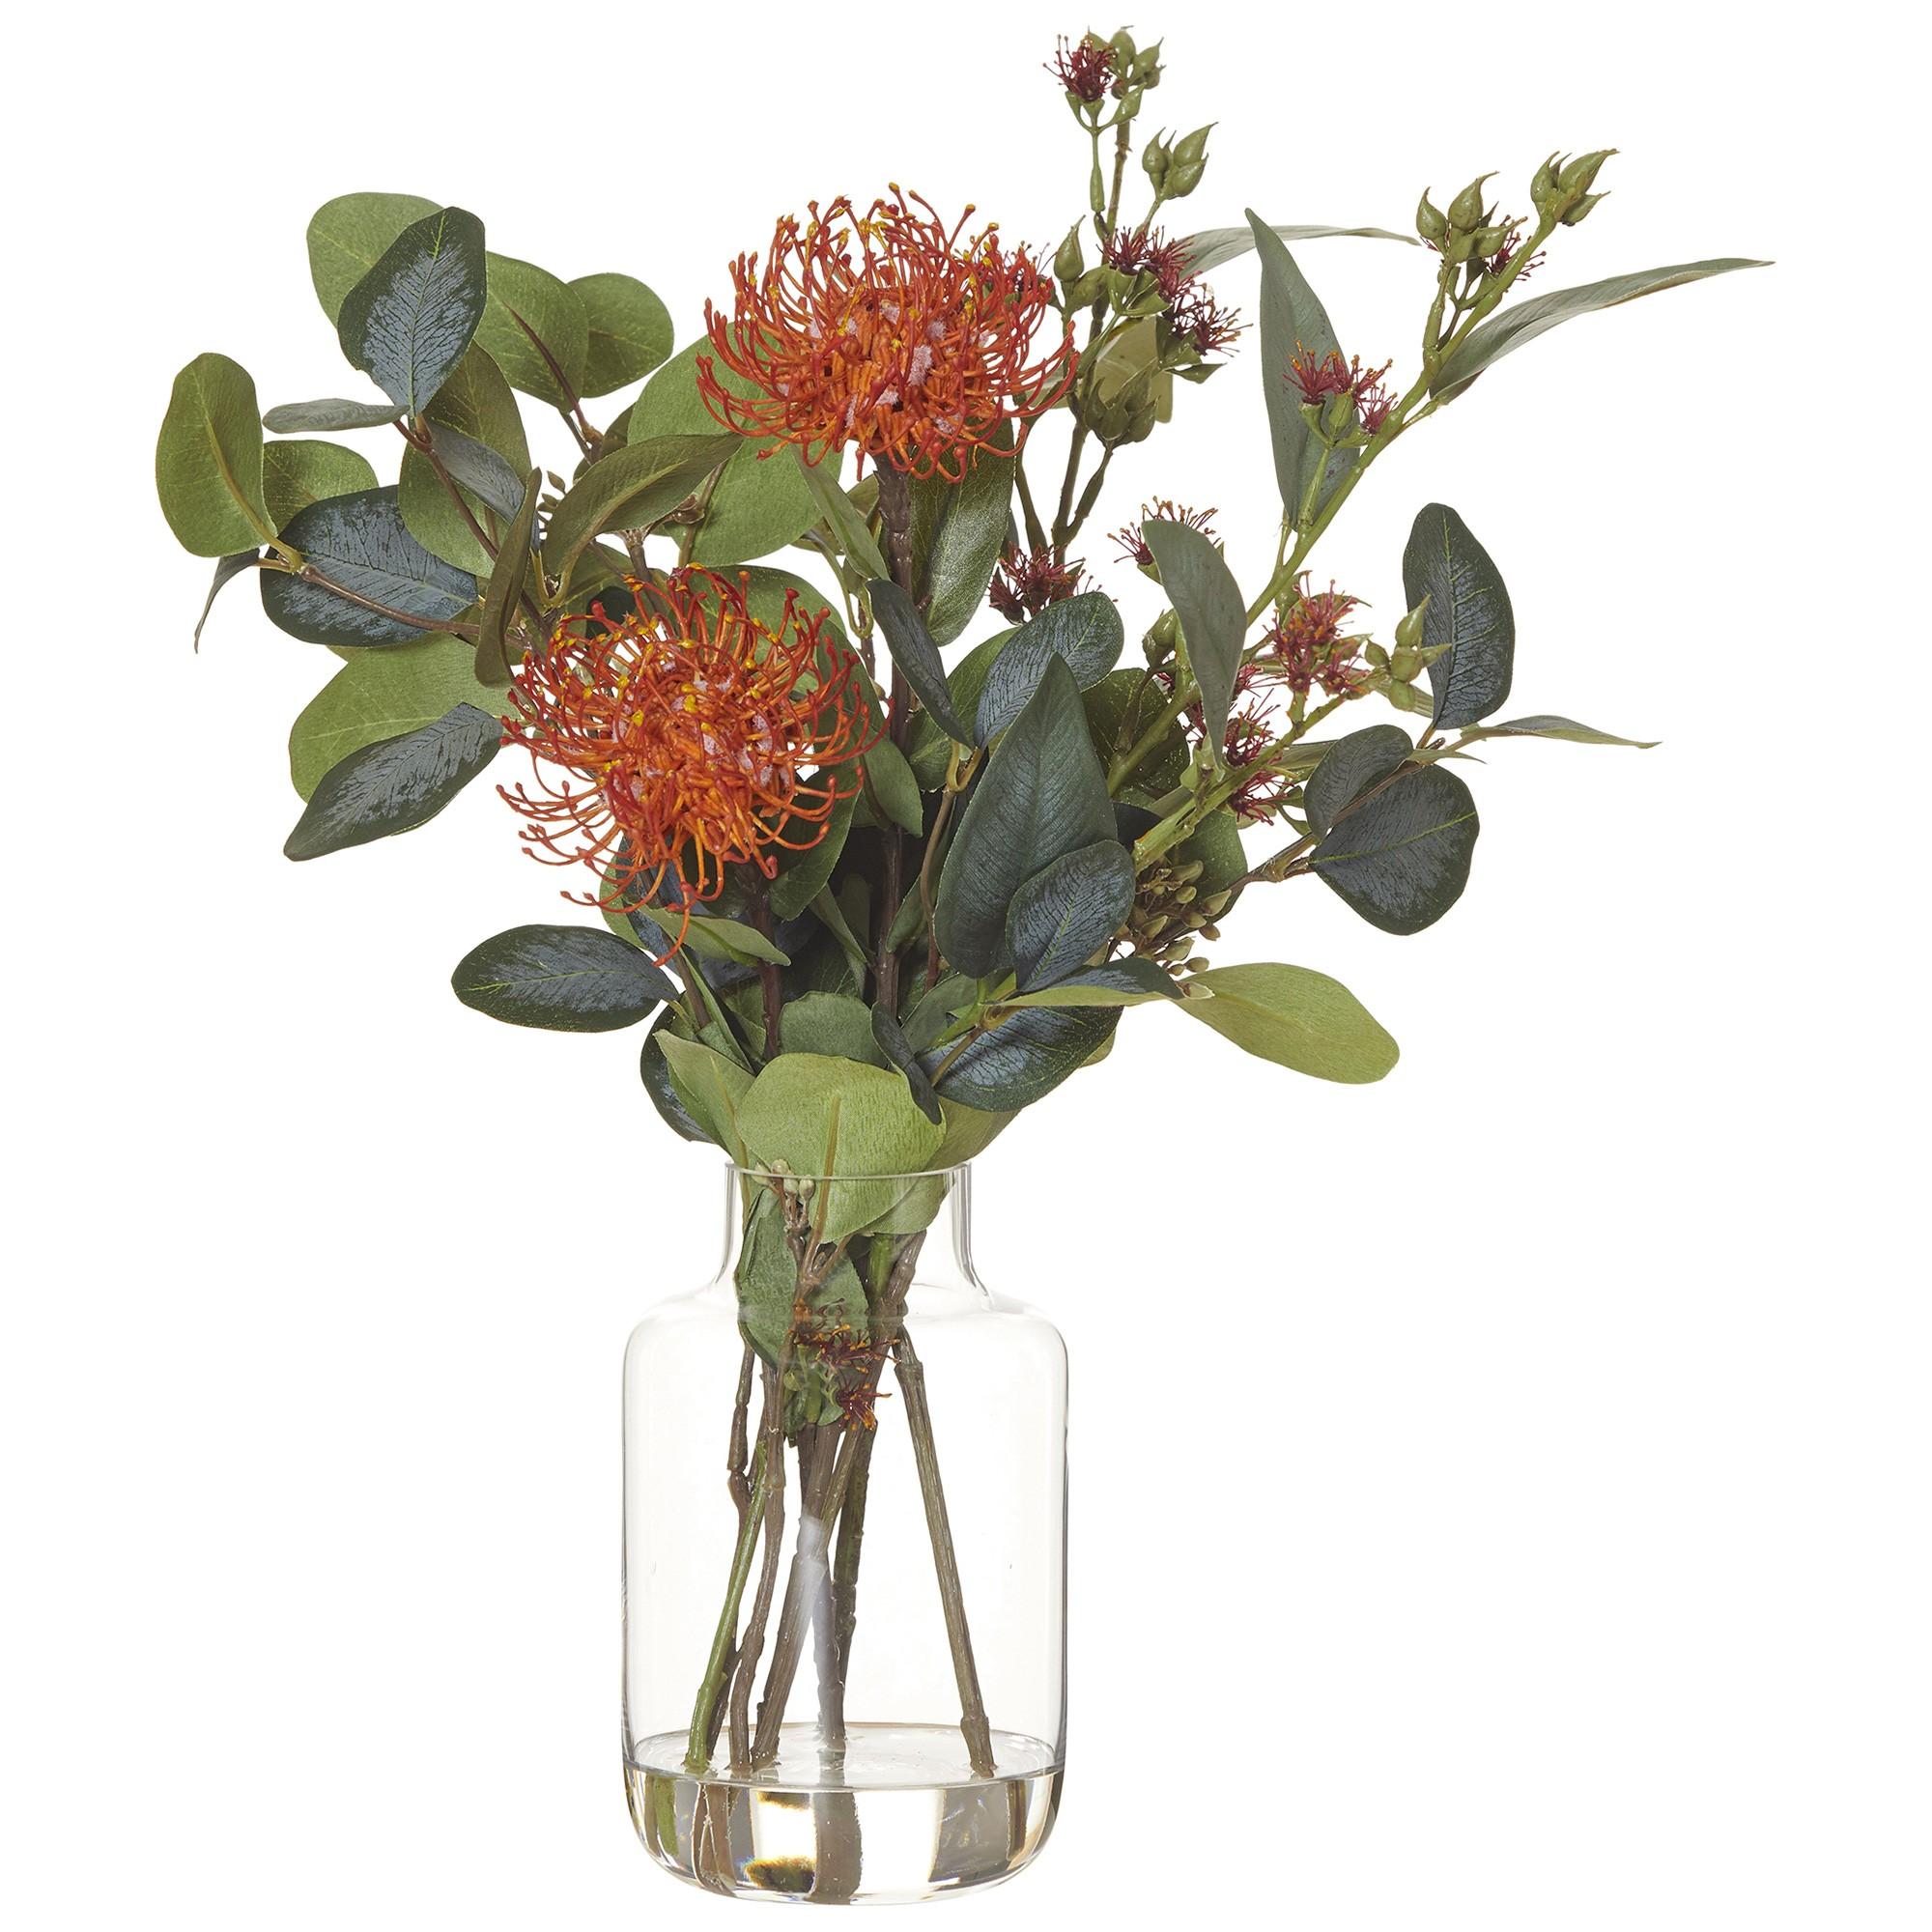 Artificial Pin Cushion Mix in Juliet Vase, Orange Flower